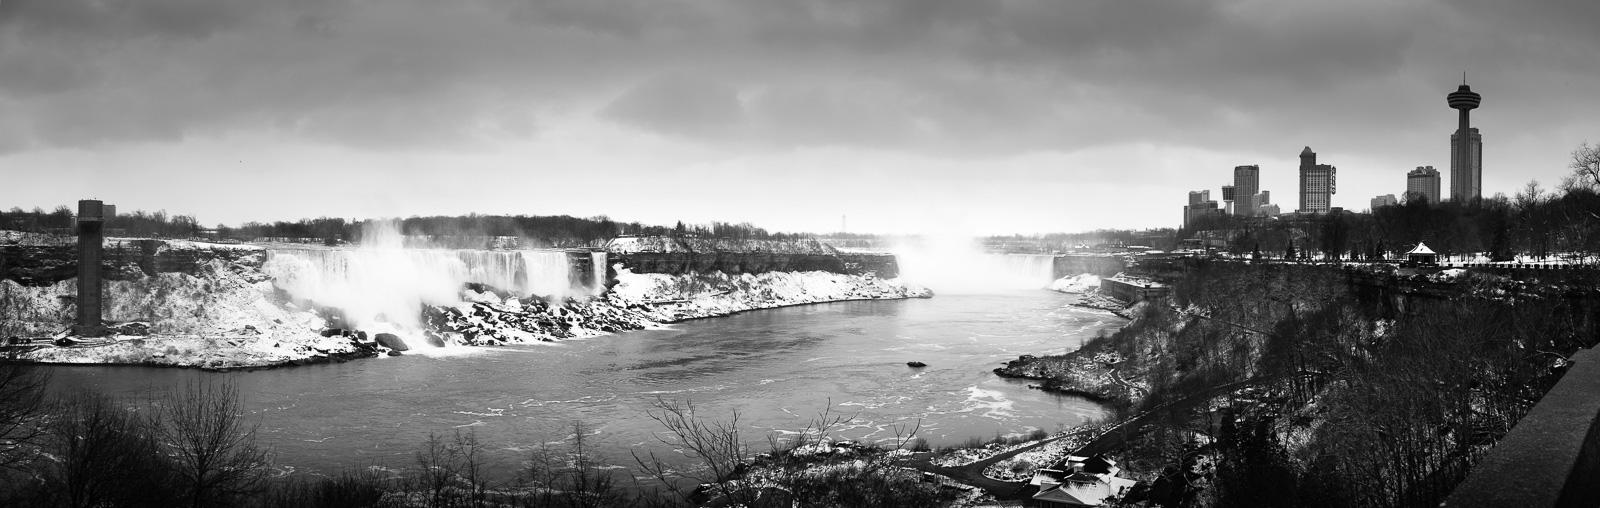 The 2 falls.